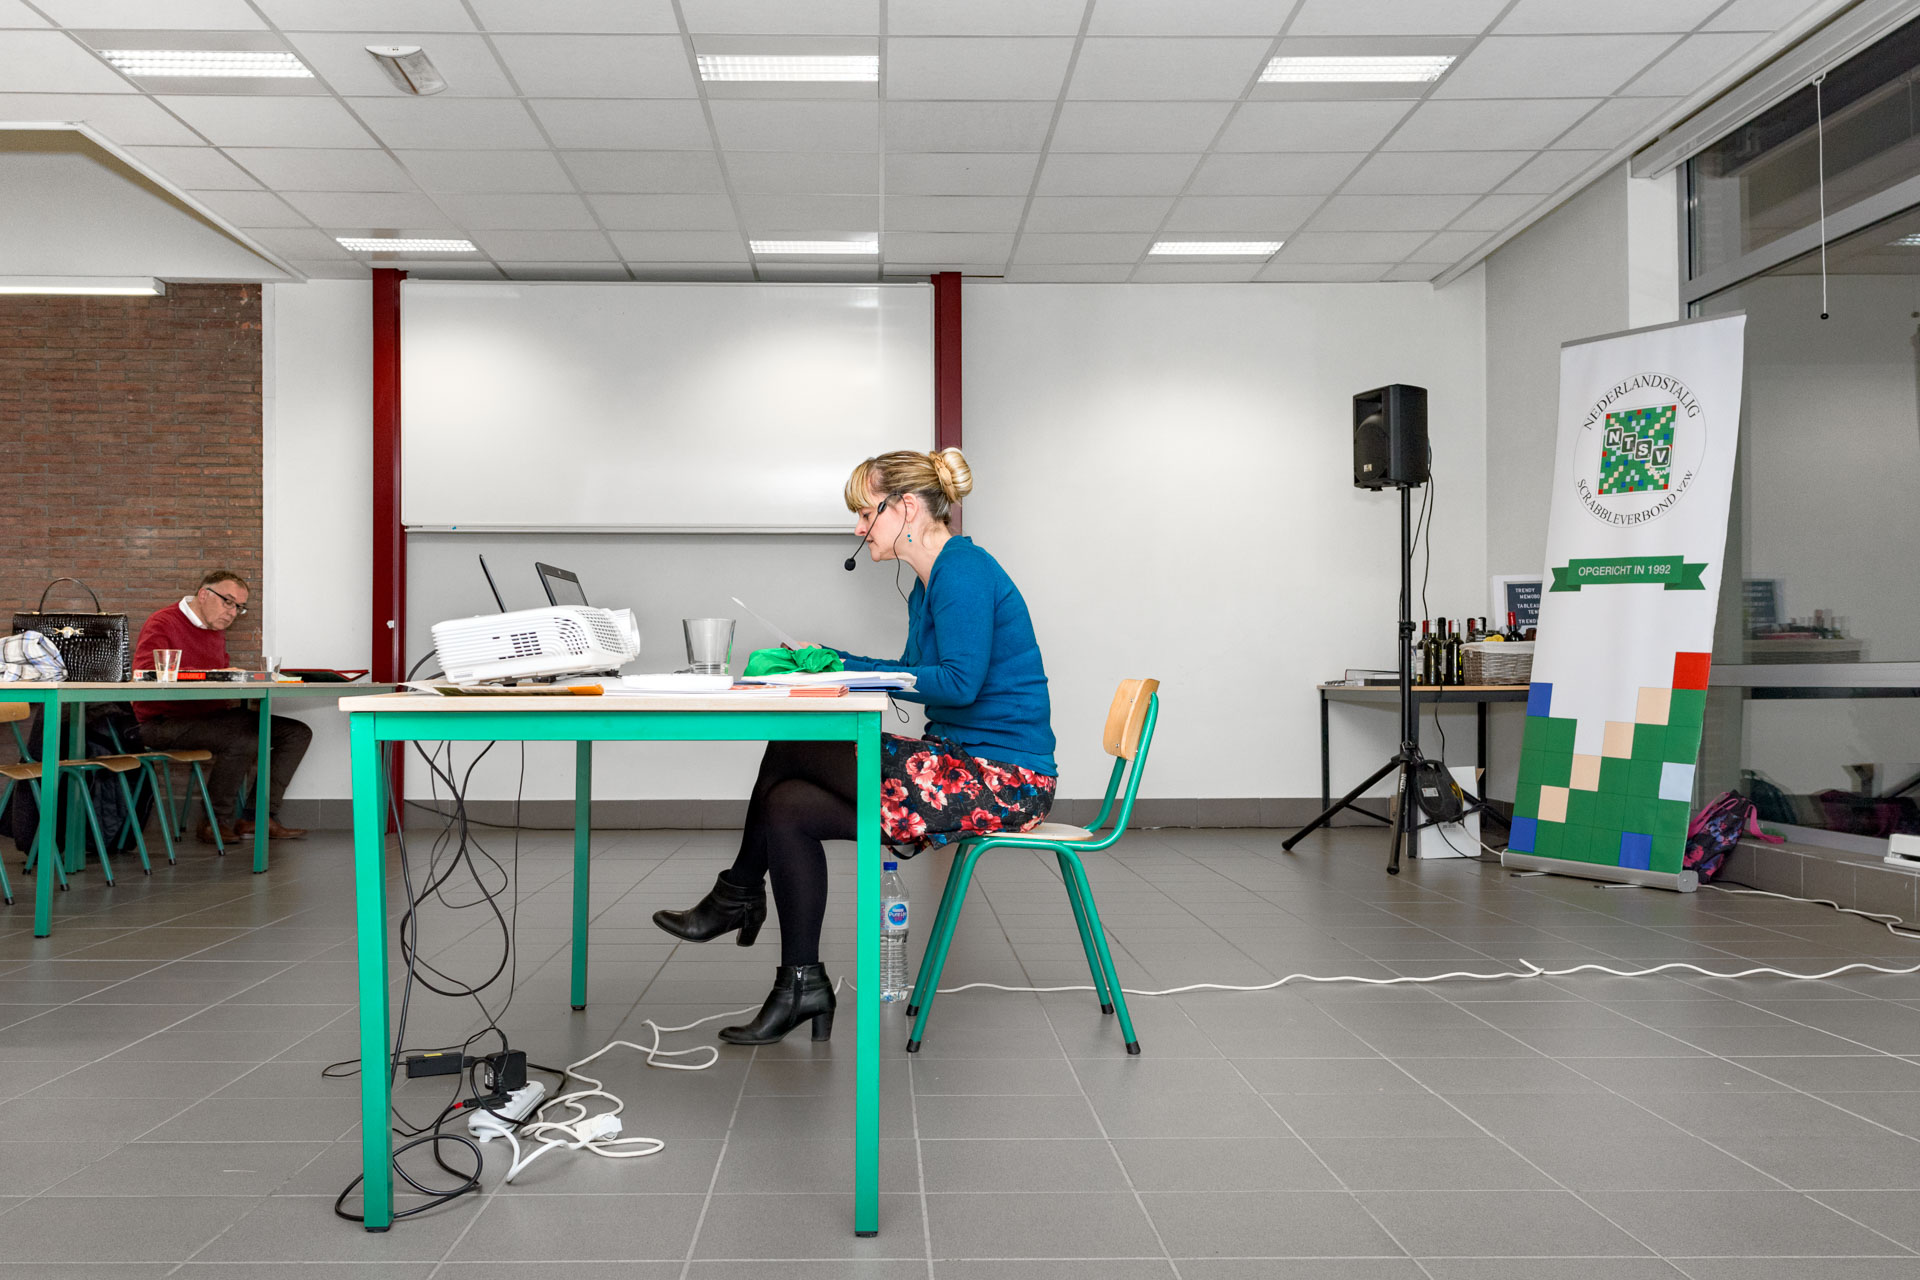 Scrabble tournooi NTSV Heureka Mechelen | sas schilten fotografie